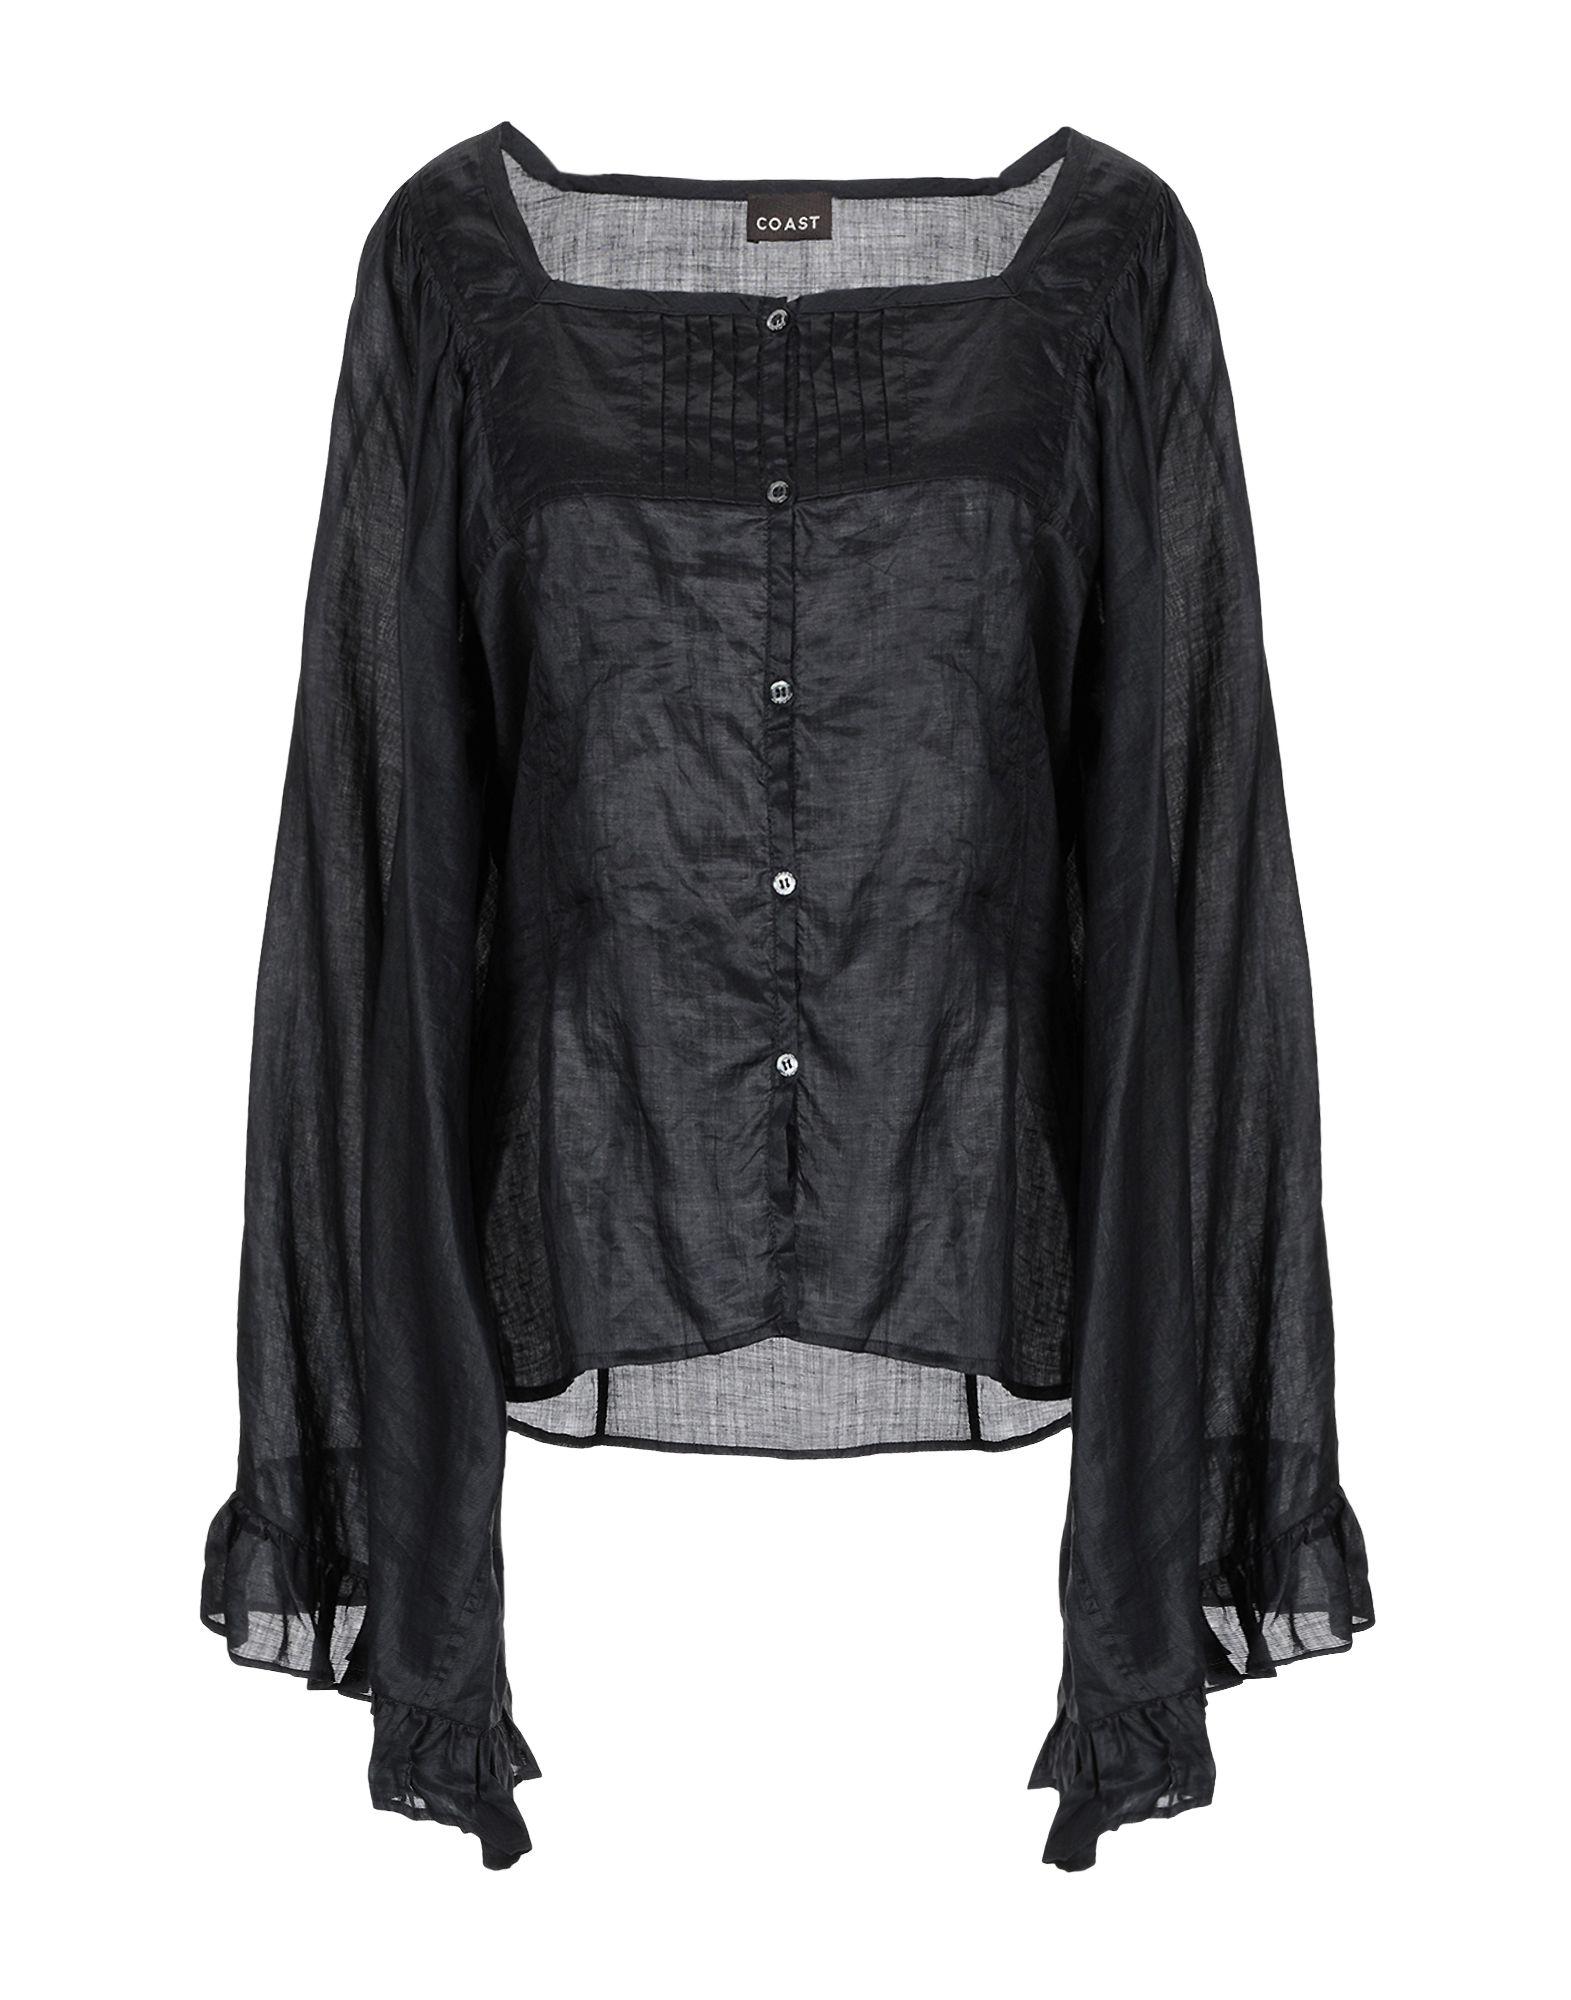 Фото - COAST WEBER & AHAUS Pубашка брошь blucome bijouteria esmaltes 7106100495